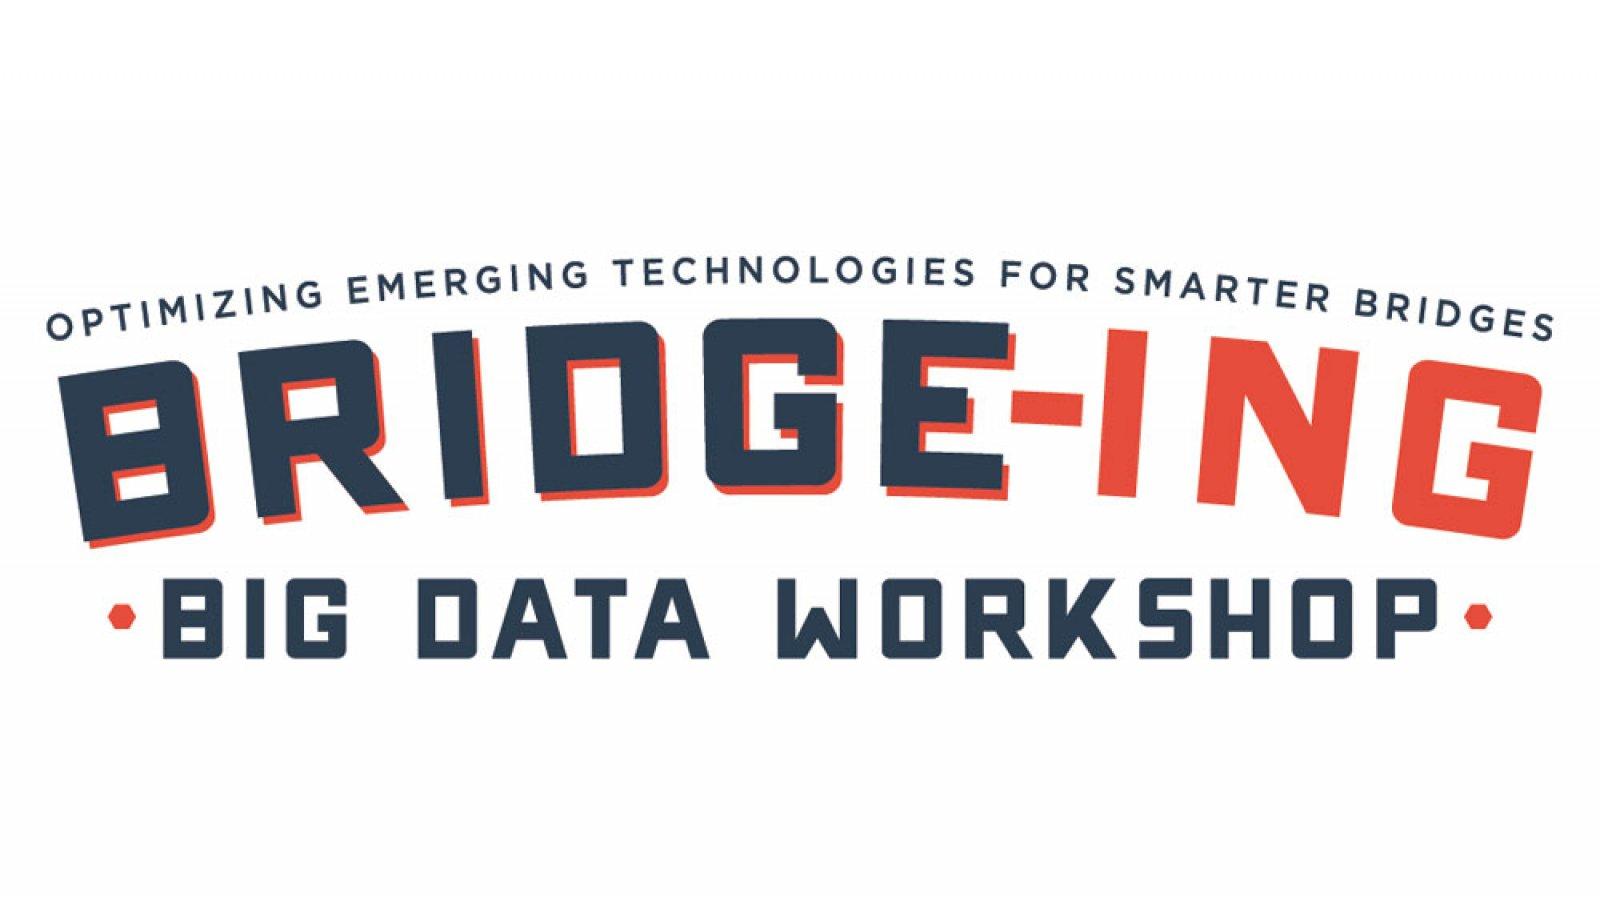 Bridging Big Data workshop is Oct. 14 at Nebraska Innovation Campus.